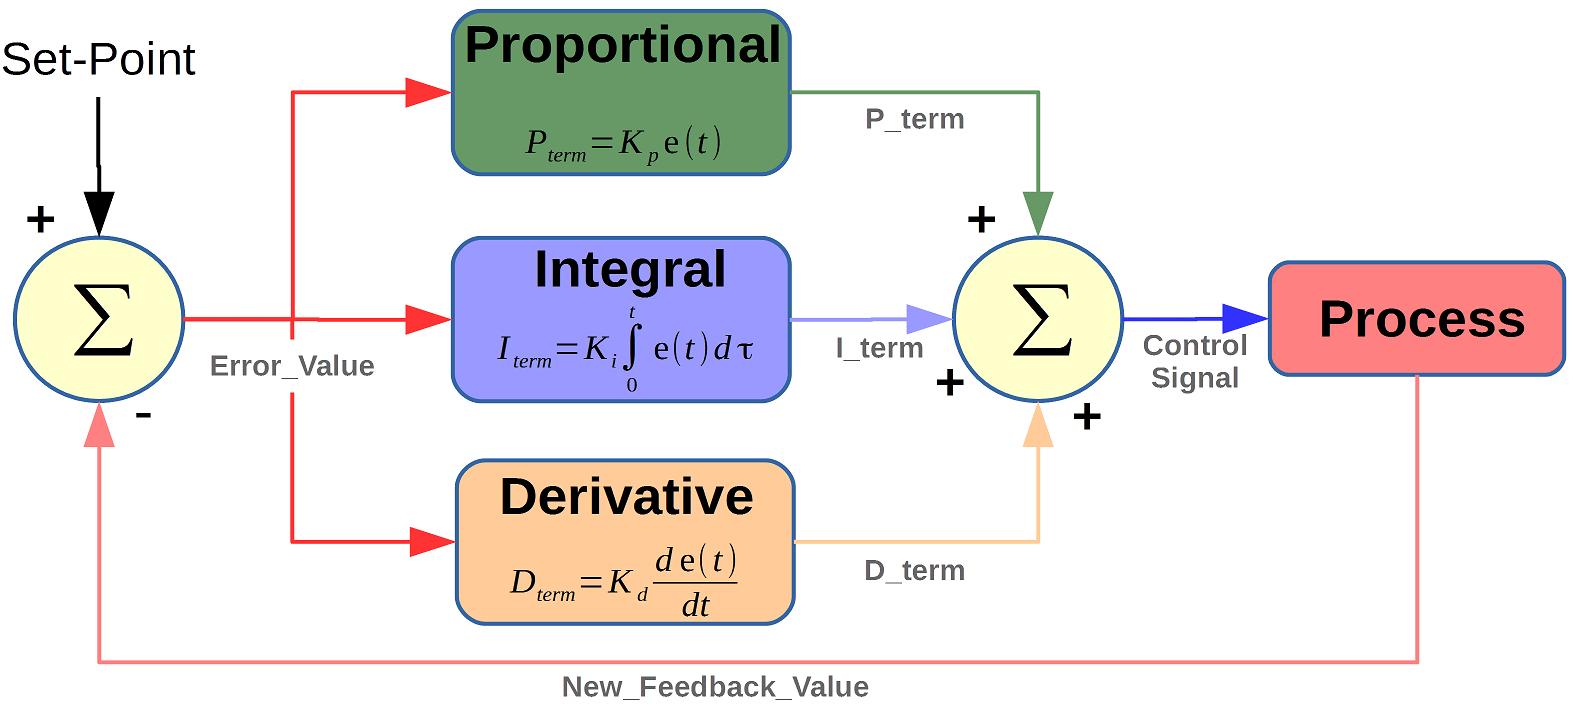 pid tutorial c code example using a stellaris lm3s6965